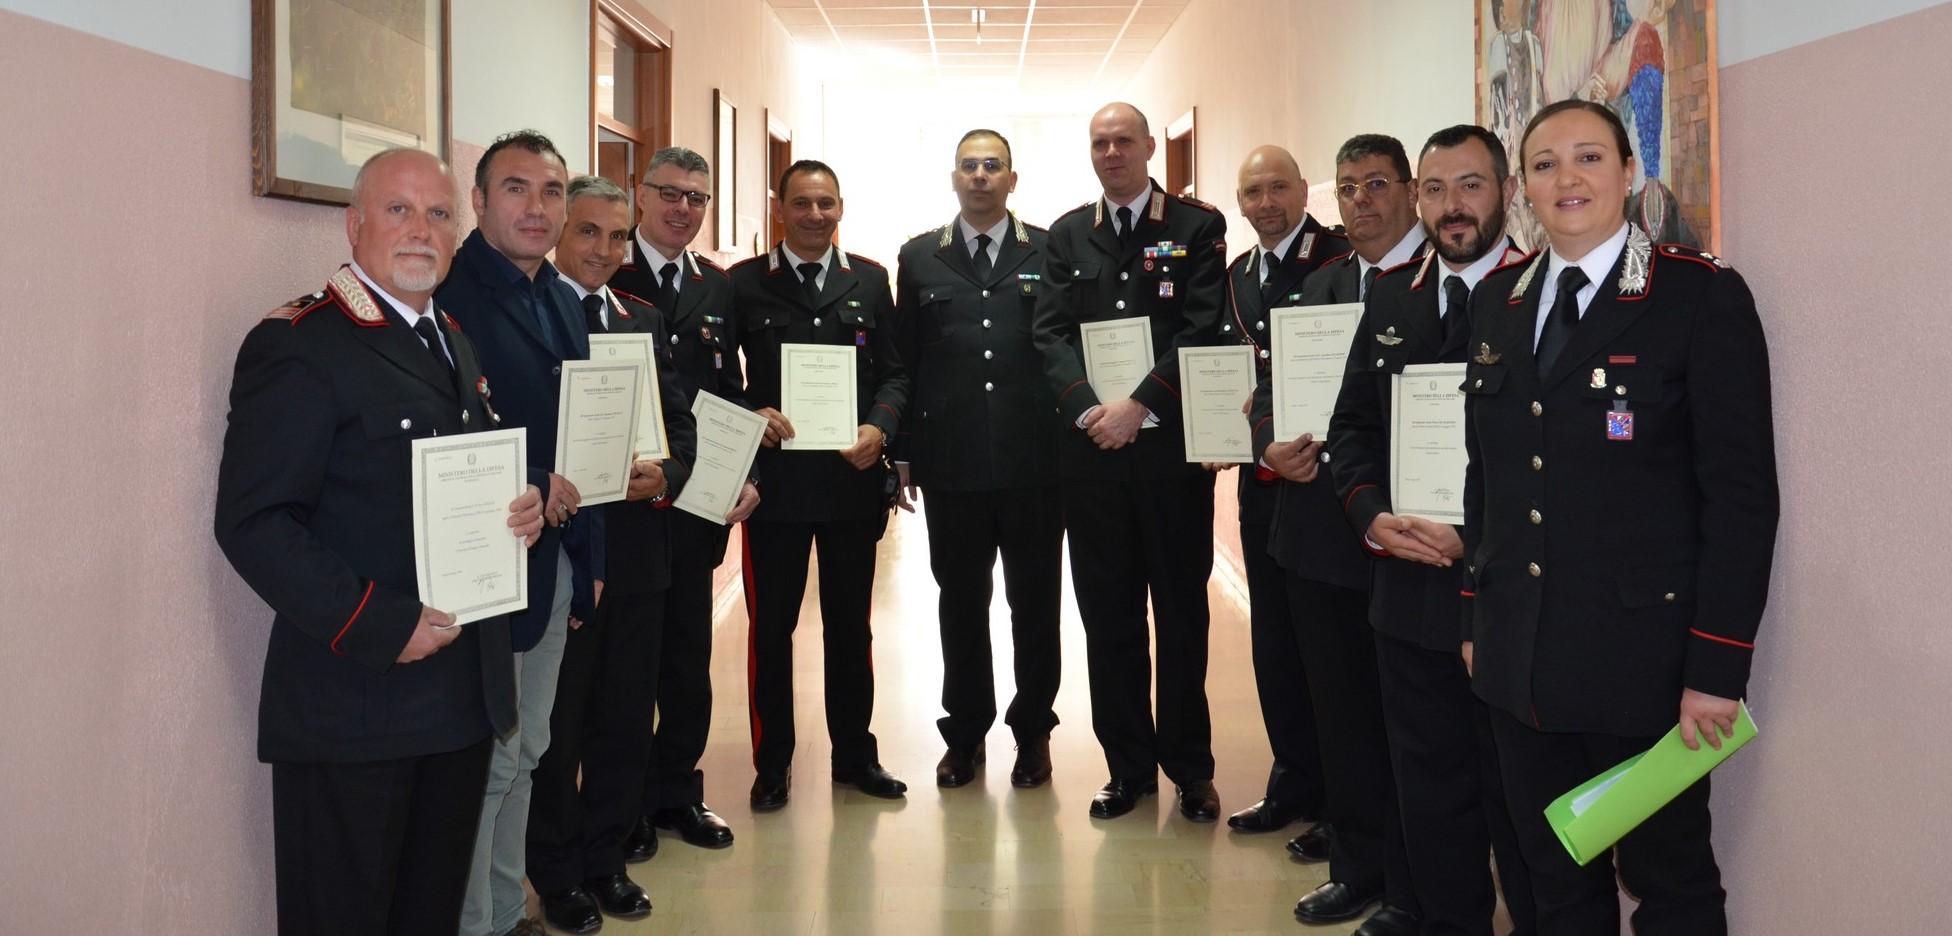 Carabinieri, cerimonia di consegna delle onorificenze per merito